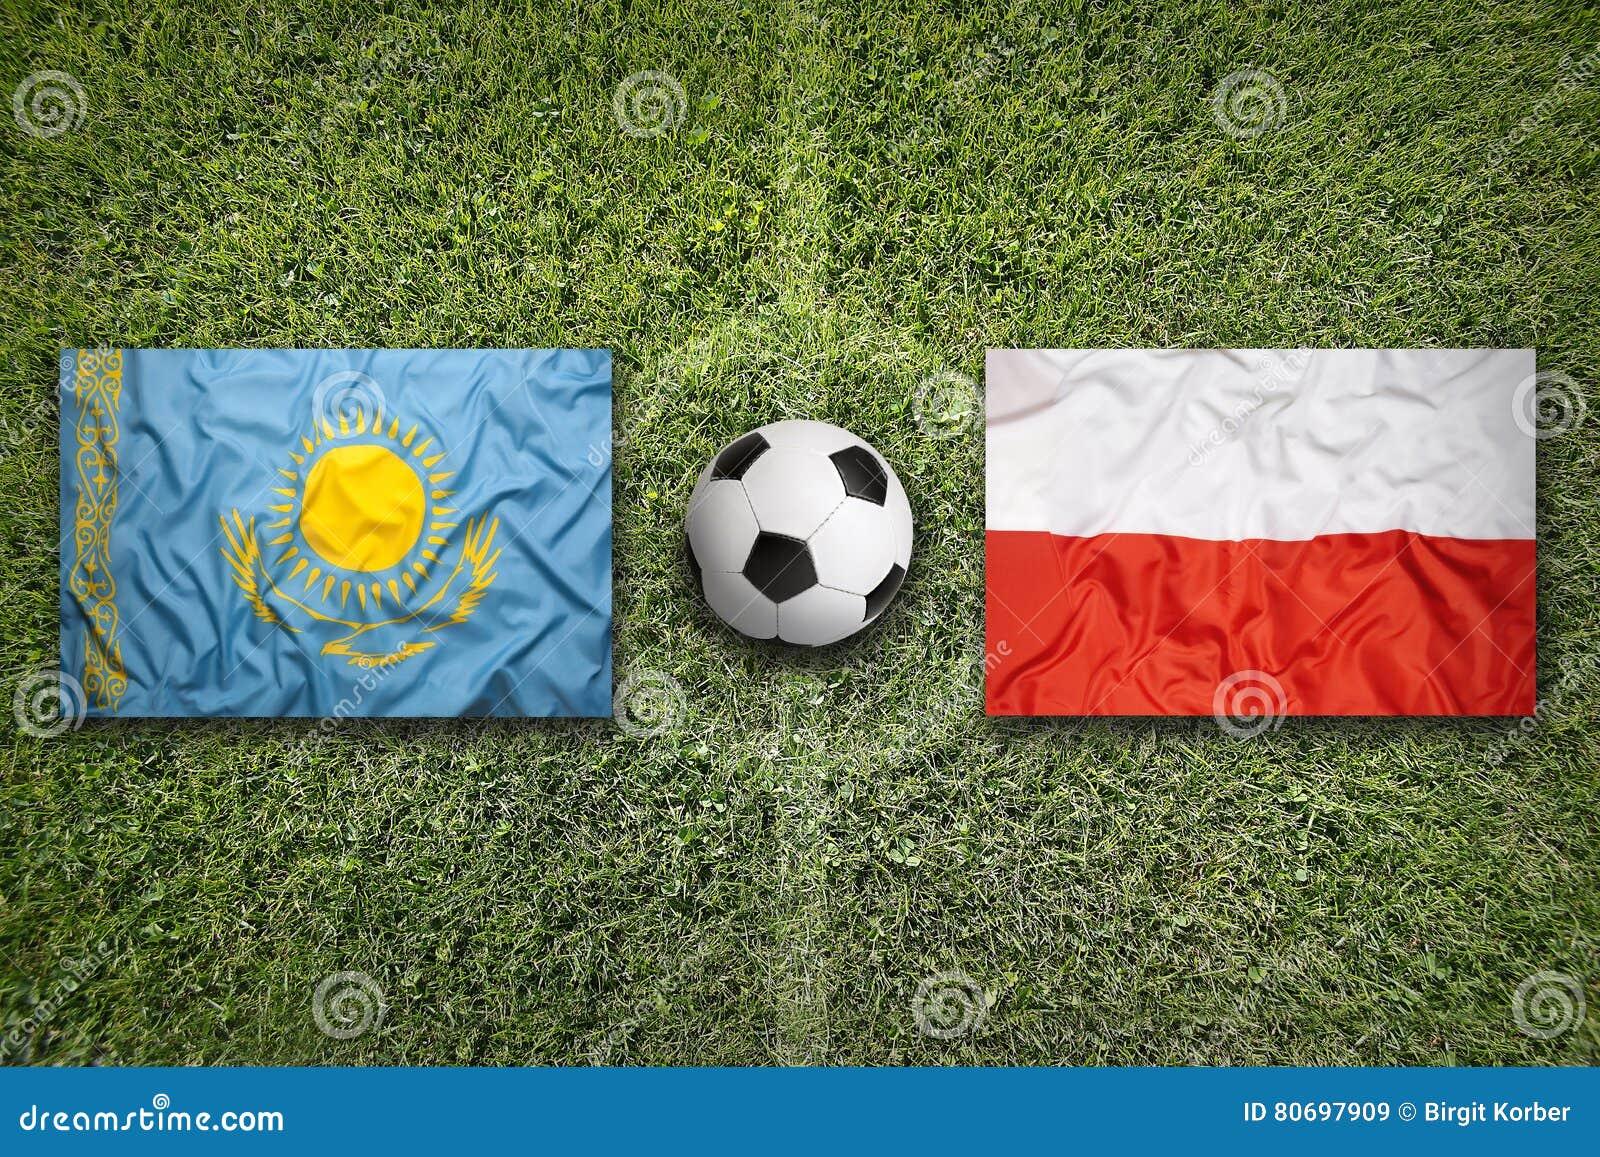 Kazakhstan vs. Poland flags on soccer field